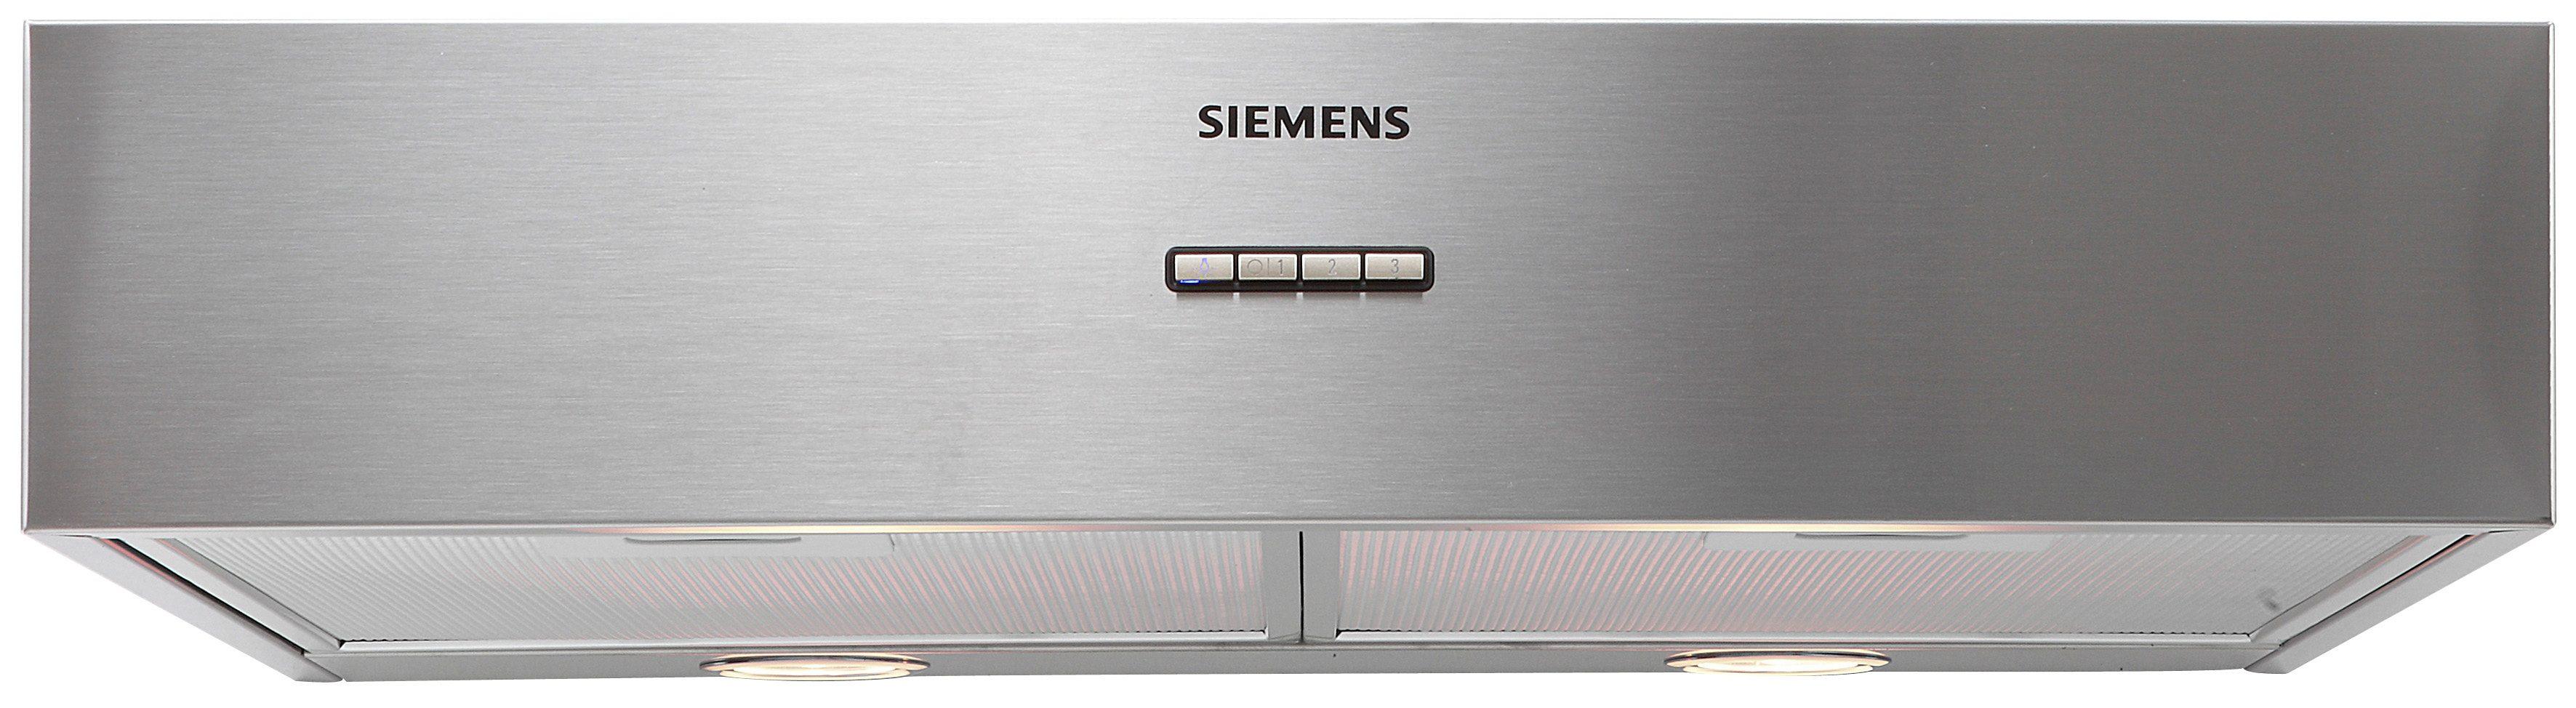 Siemens Unterbauhaube LU29050